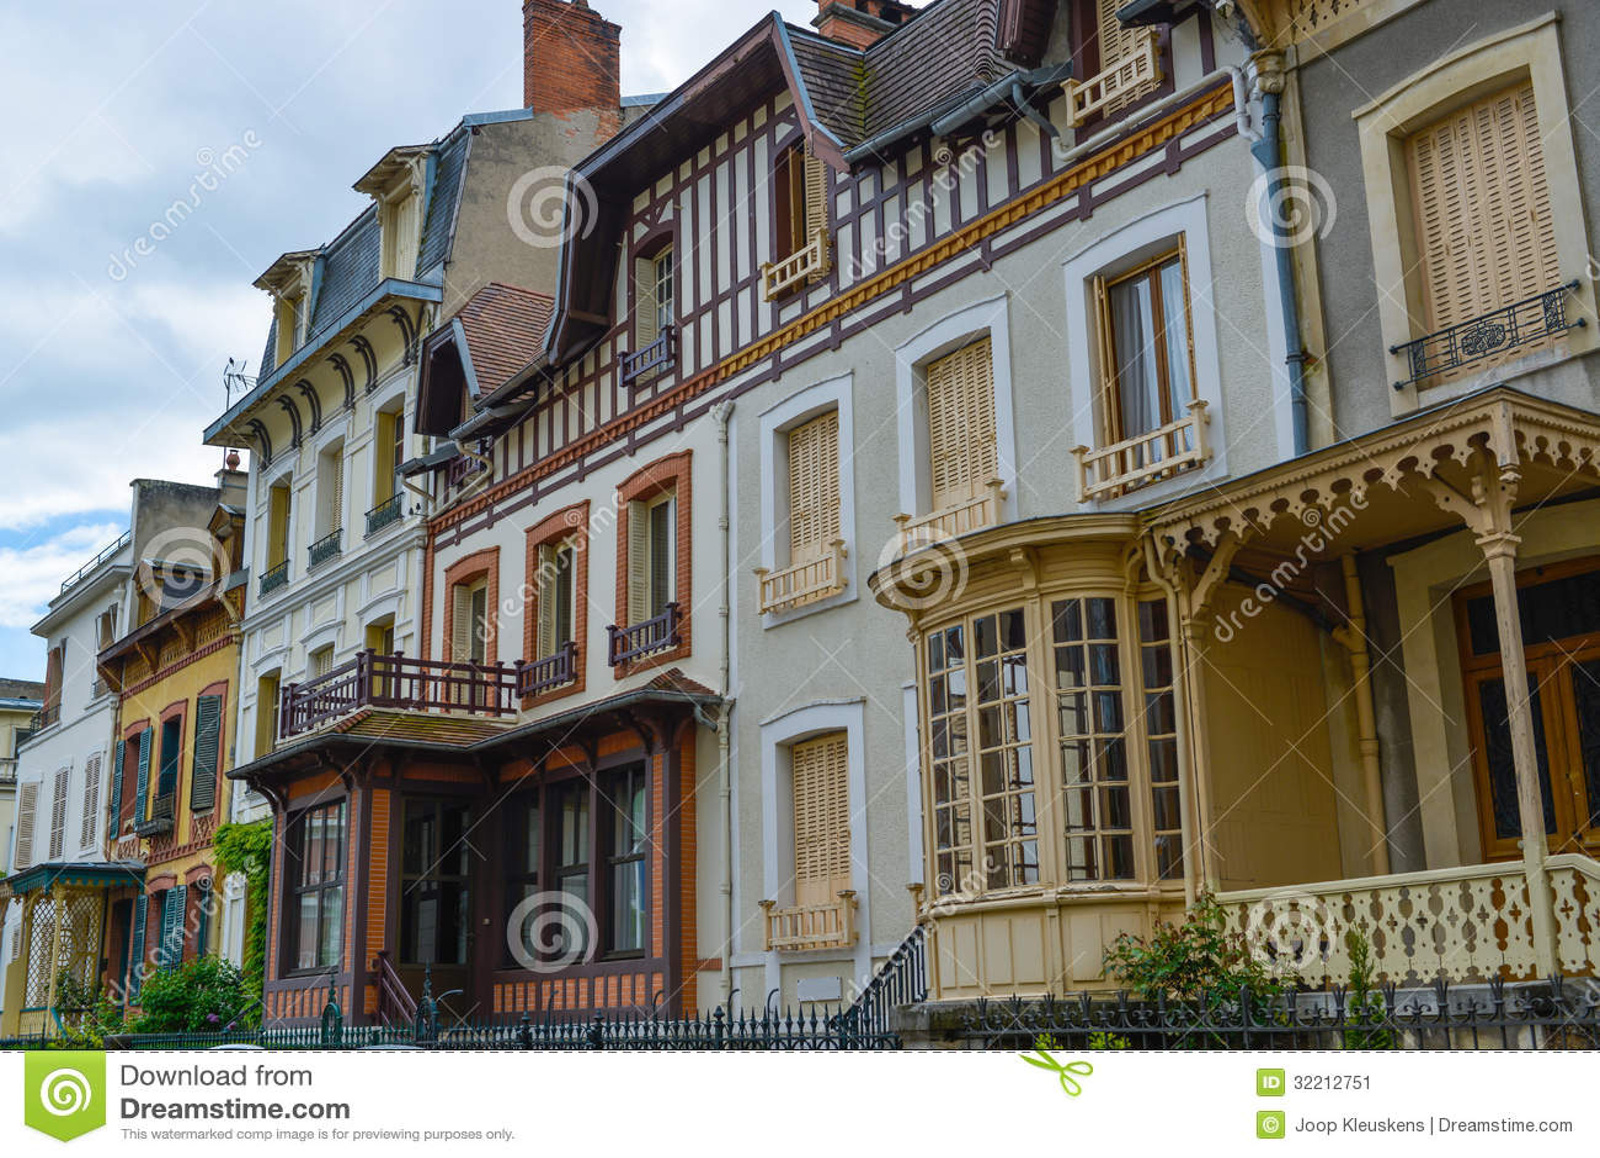 Stile di vittoriano delle facciate immagine stock for Immagini facciate case